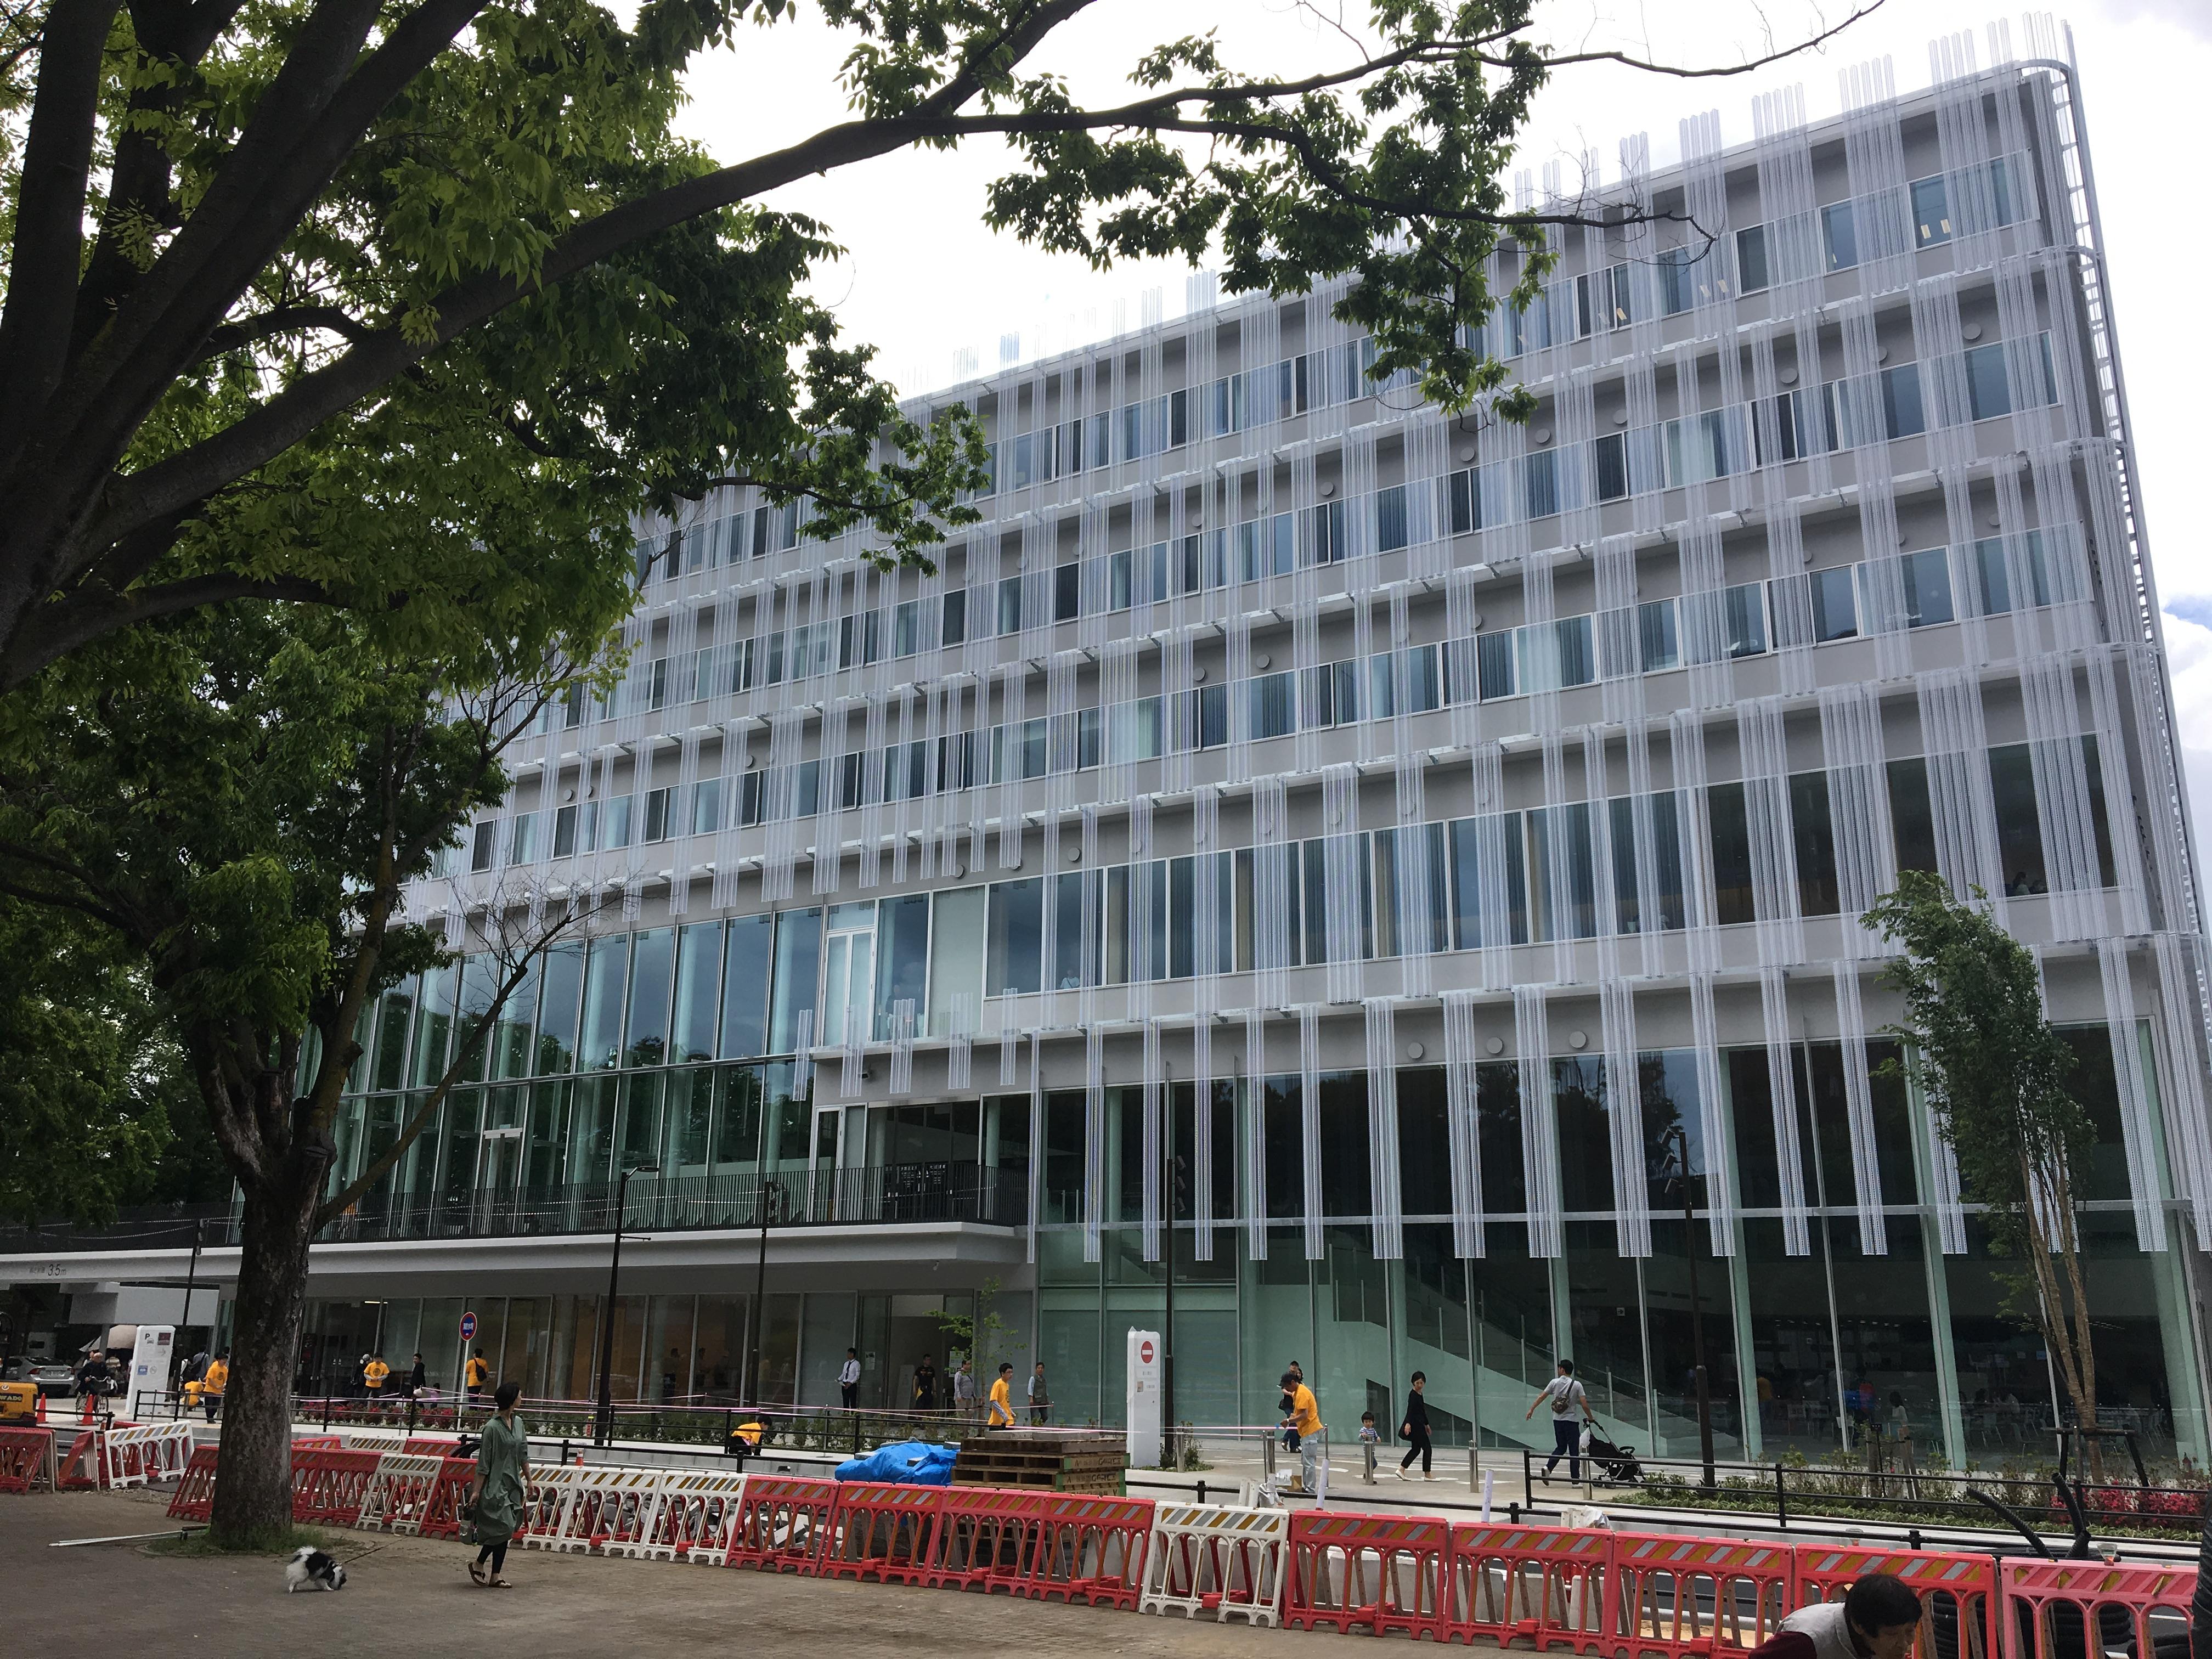 誕生!令和時代の新シンボル 大宮区役所・大宮図書館新庁舎本日より供用開始